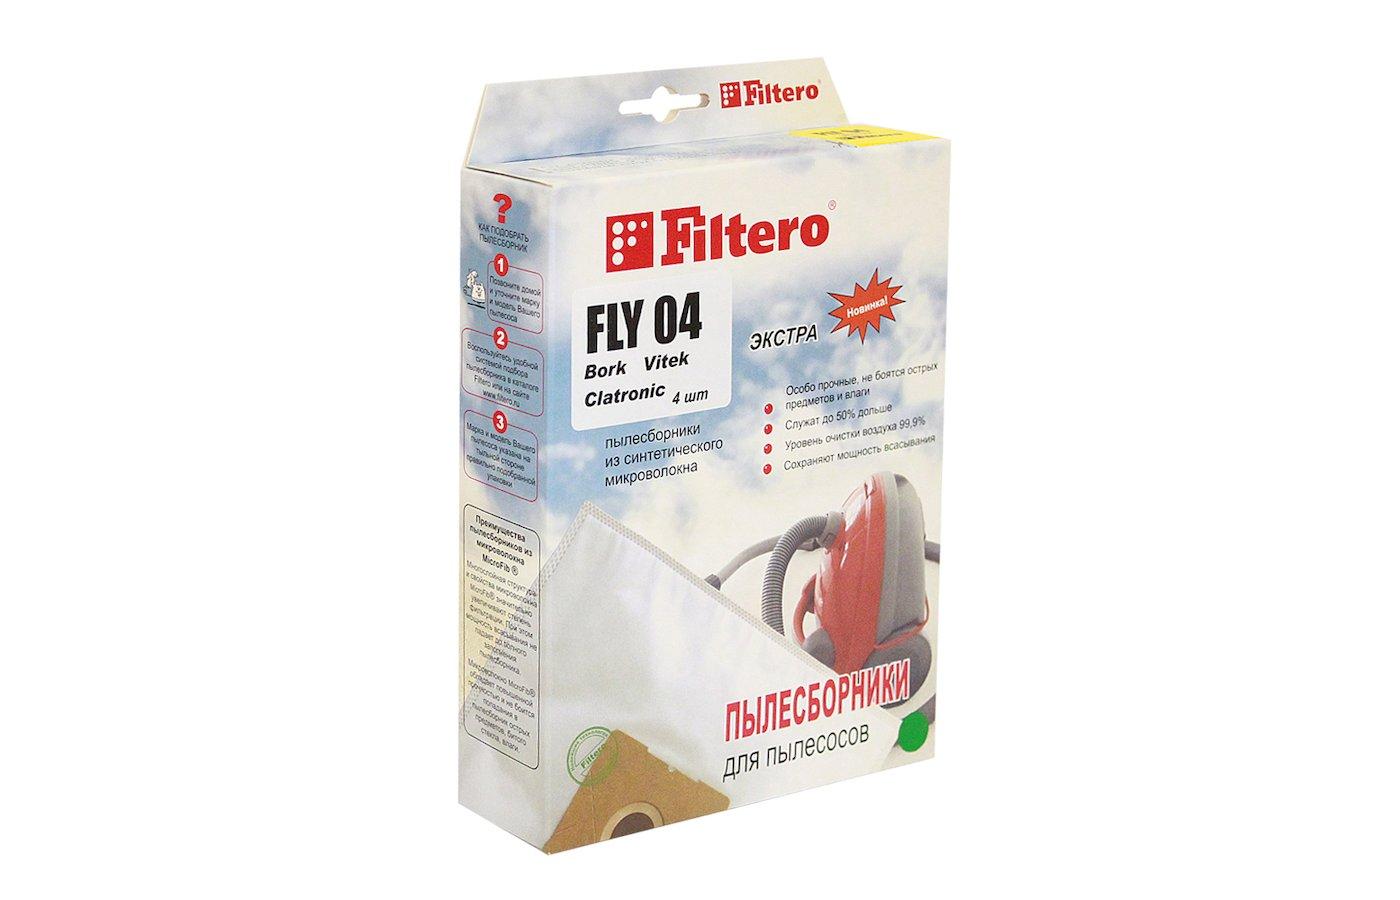 Пылесборники FILTERO FLY 04 (4) Экстра